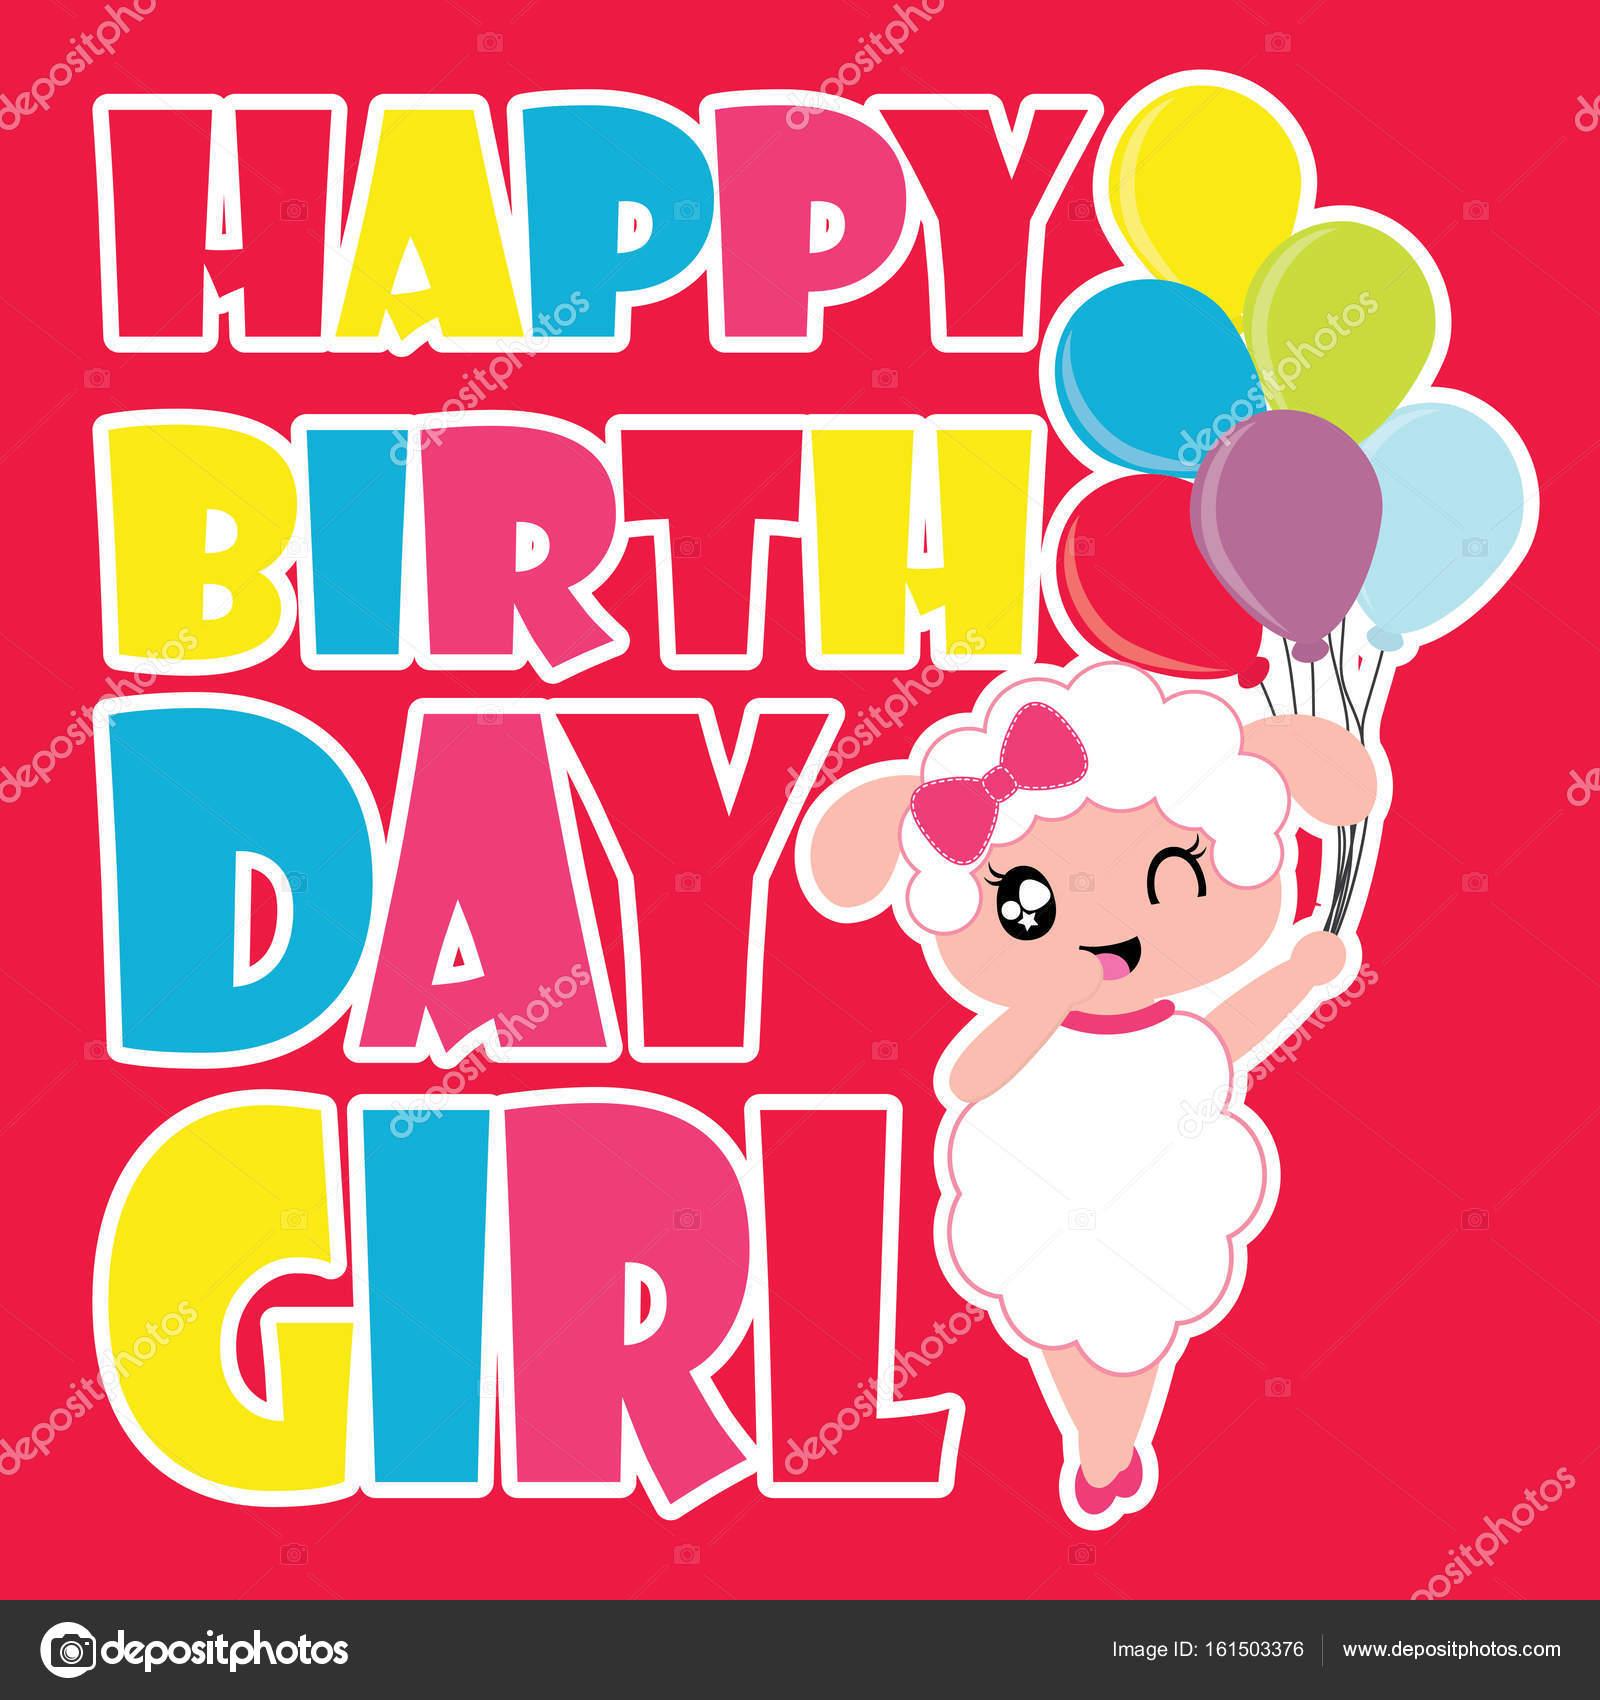 verjaardagskaart meisje Schattige schapen meisje brengt kleurrijke ballonnen cartoon  verjaardagskaart meisje